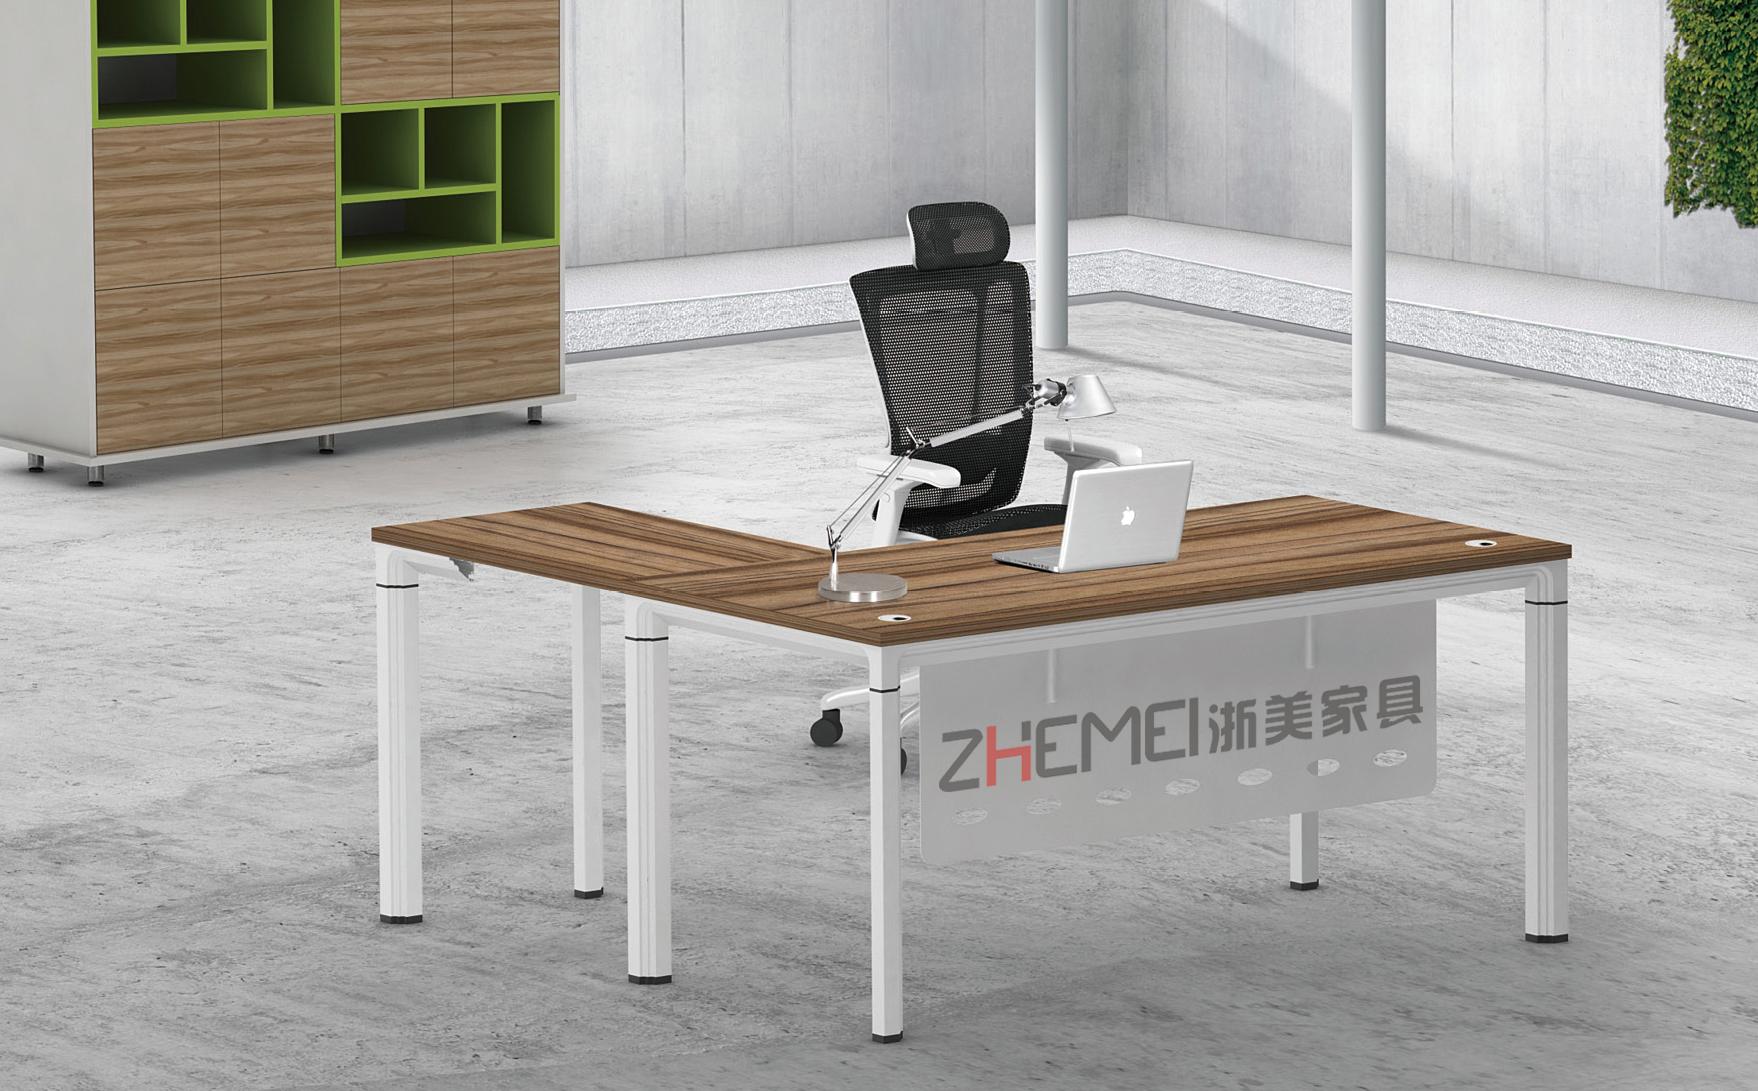 南京主管桌,办公室电脑桌,浙美家具,南京办公桌侧面产品展示图